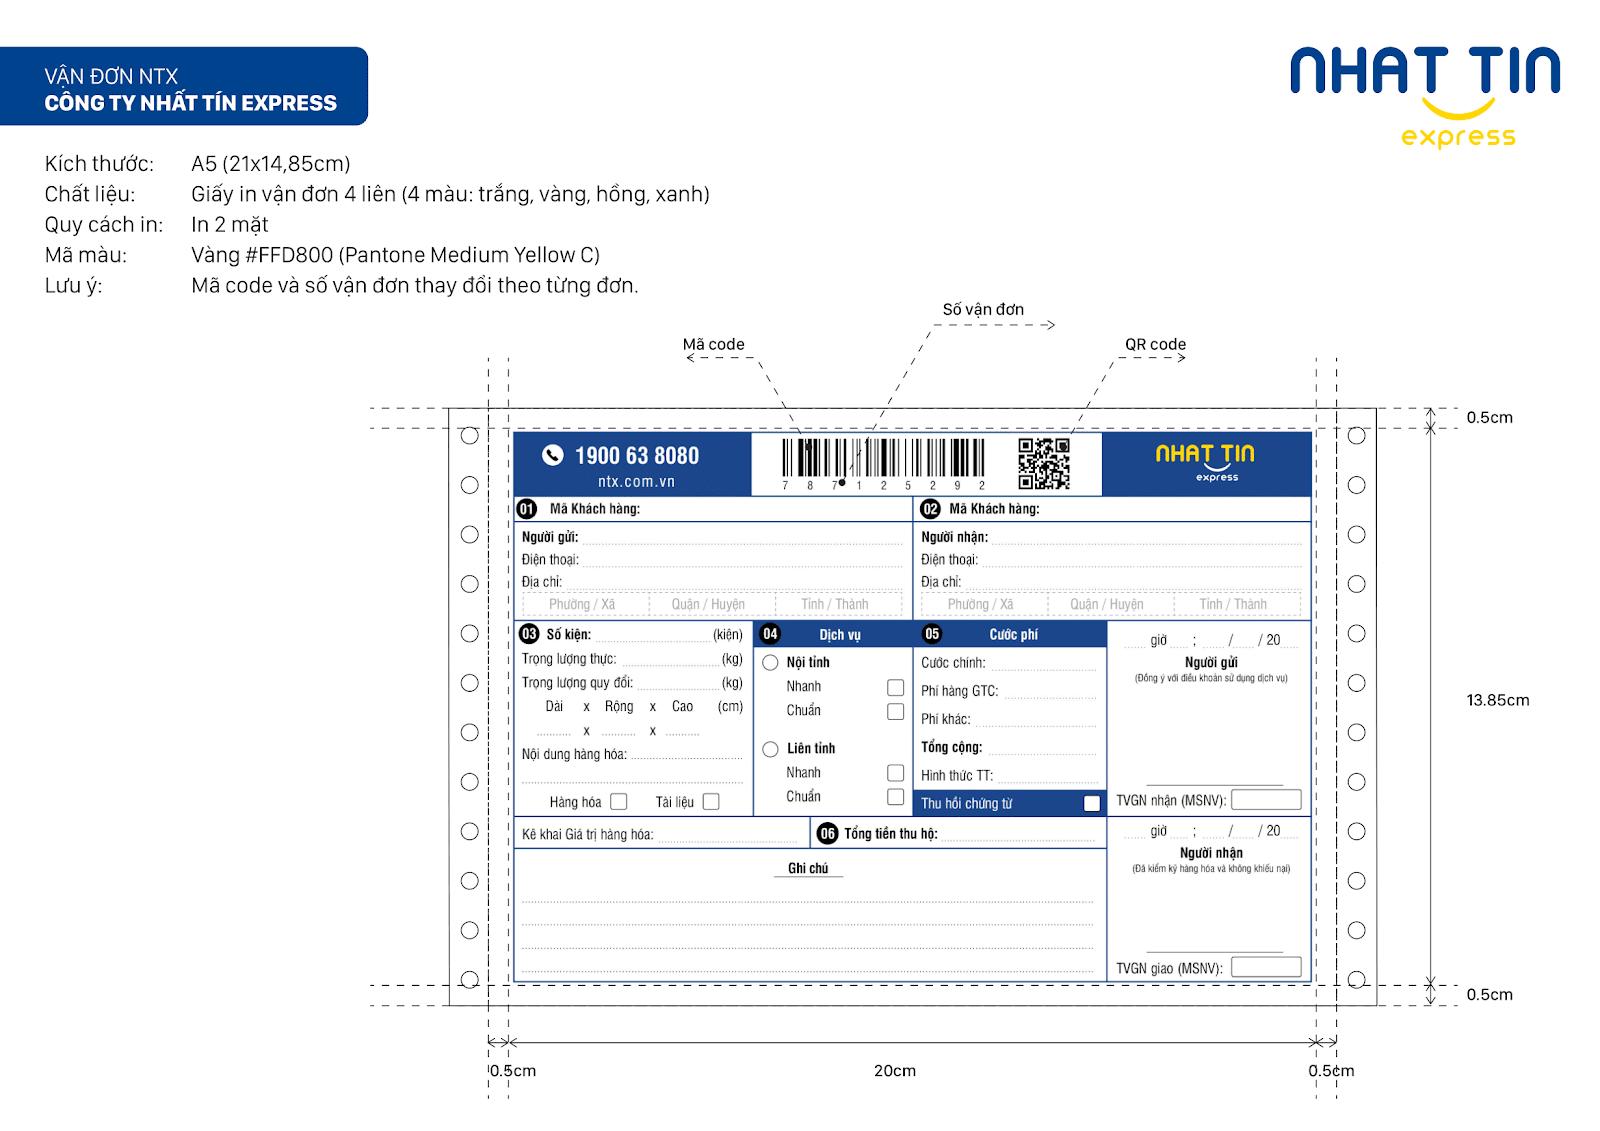 Phiếu giao hàng là gì? Tải mẫu phiếu gửi hàng mới nhất tại Nhất Tín Express